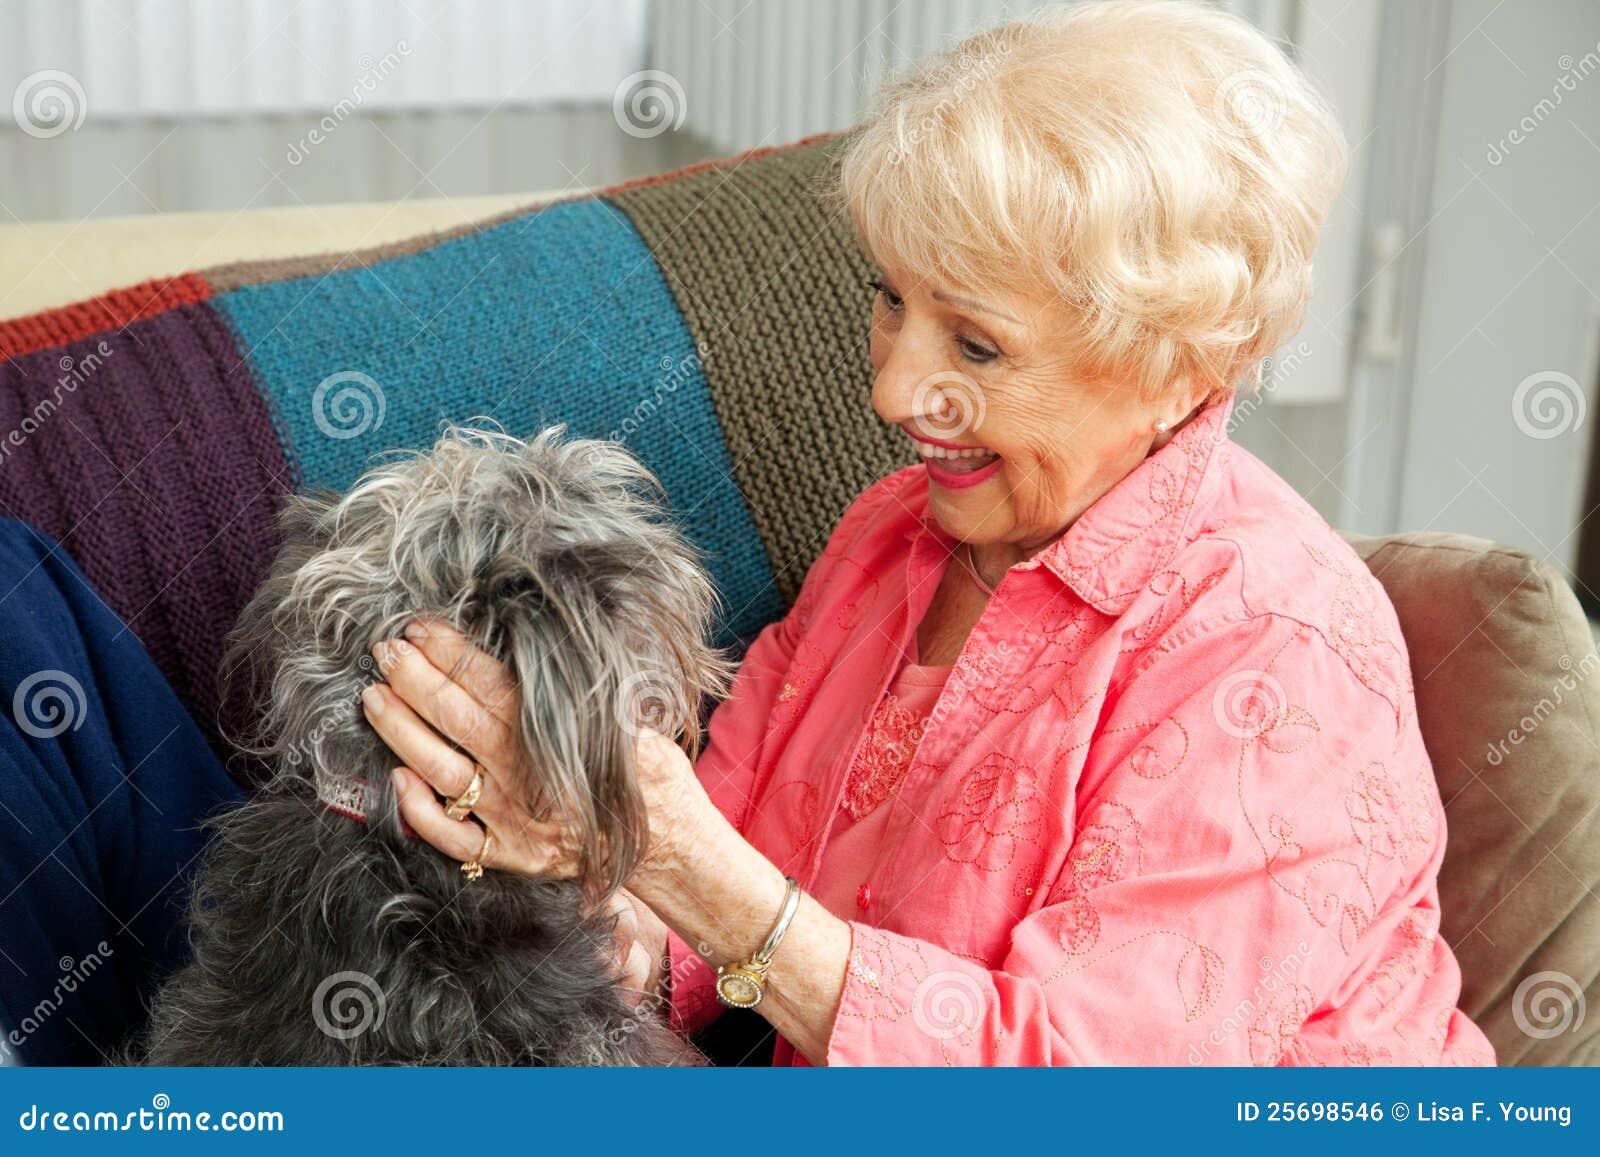 Ältere Dame Loves Her Dog